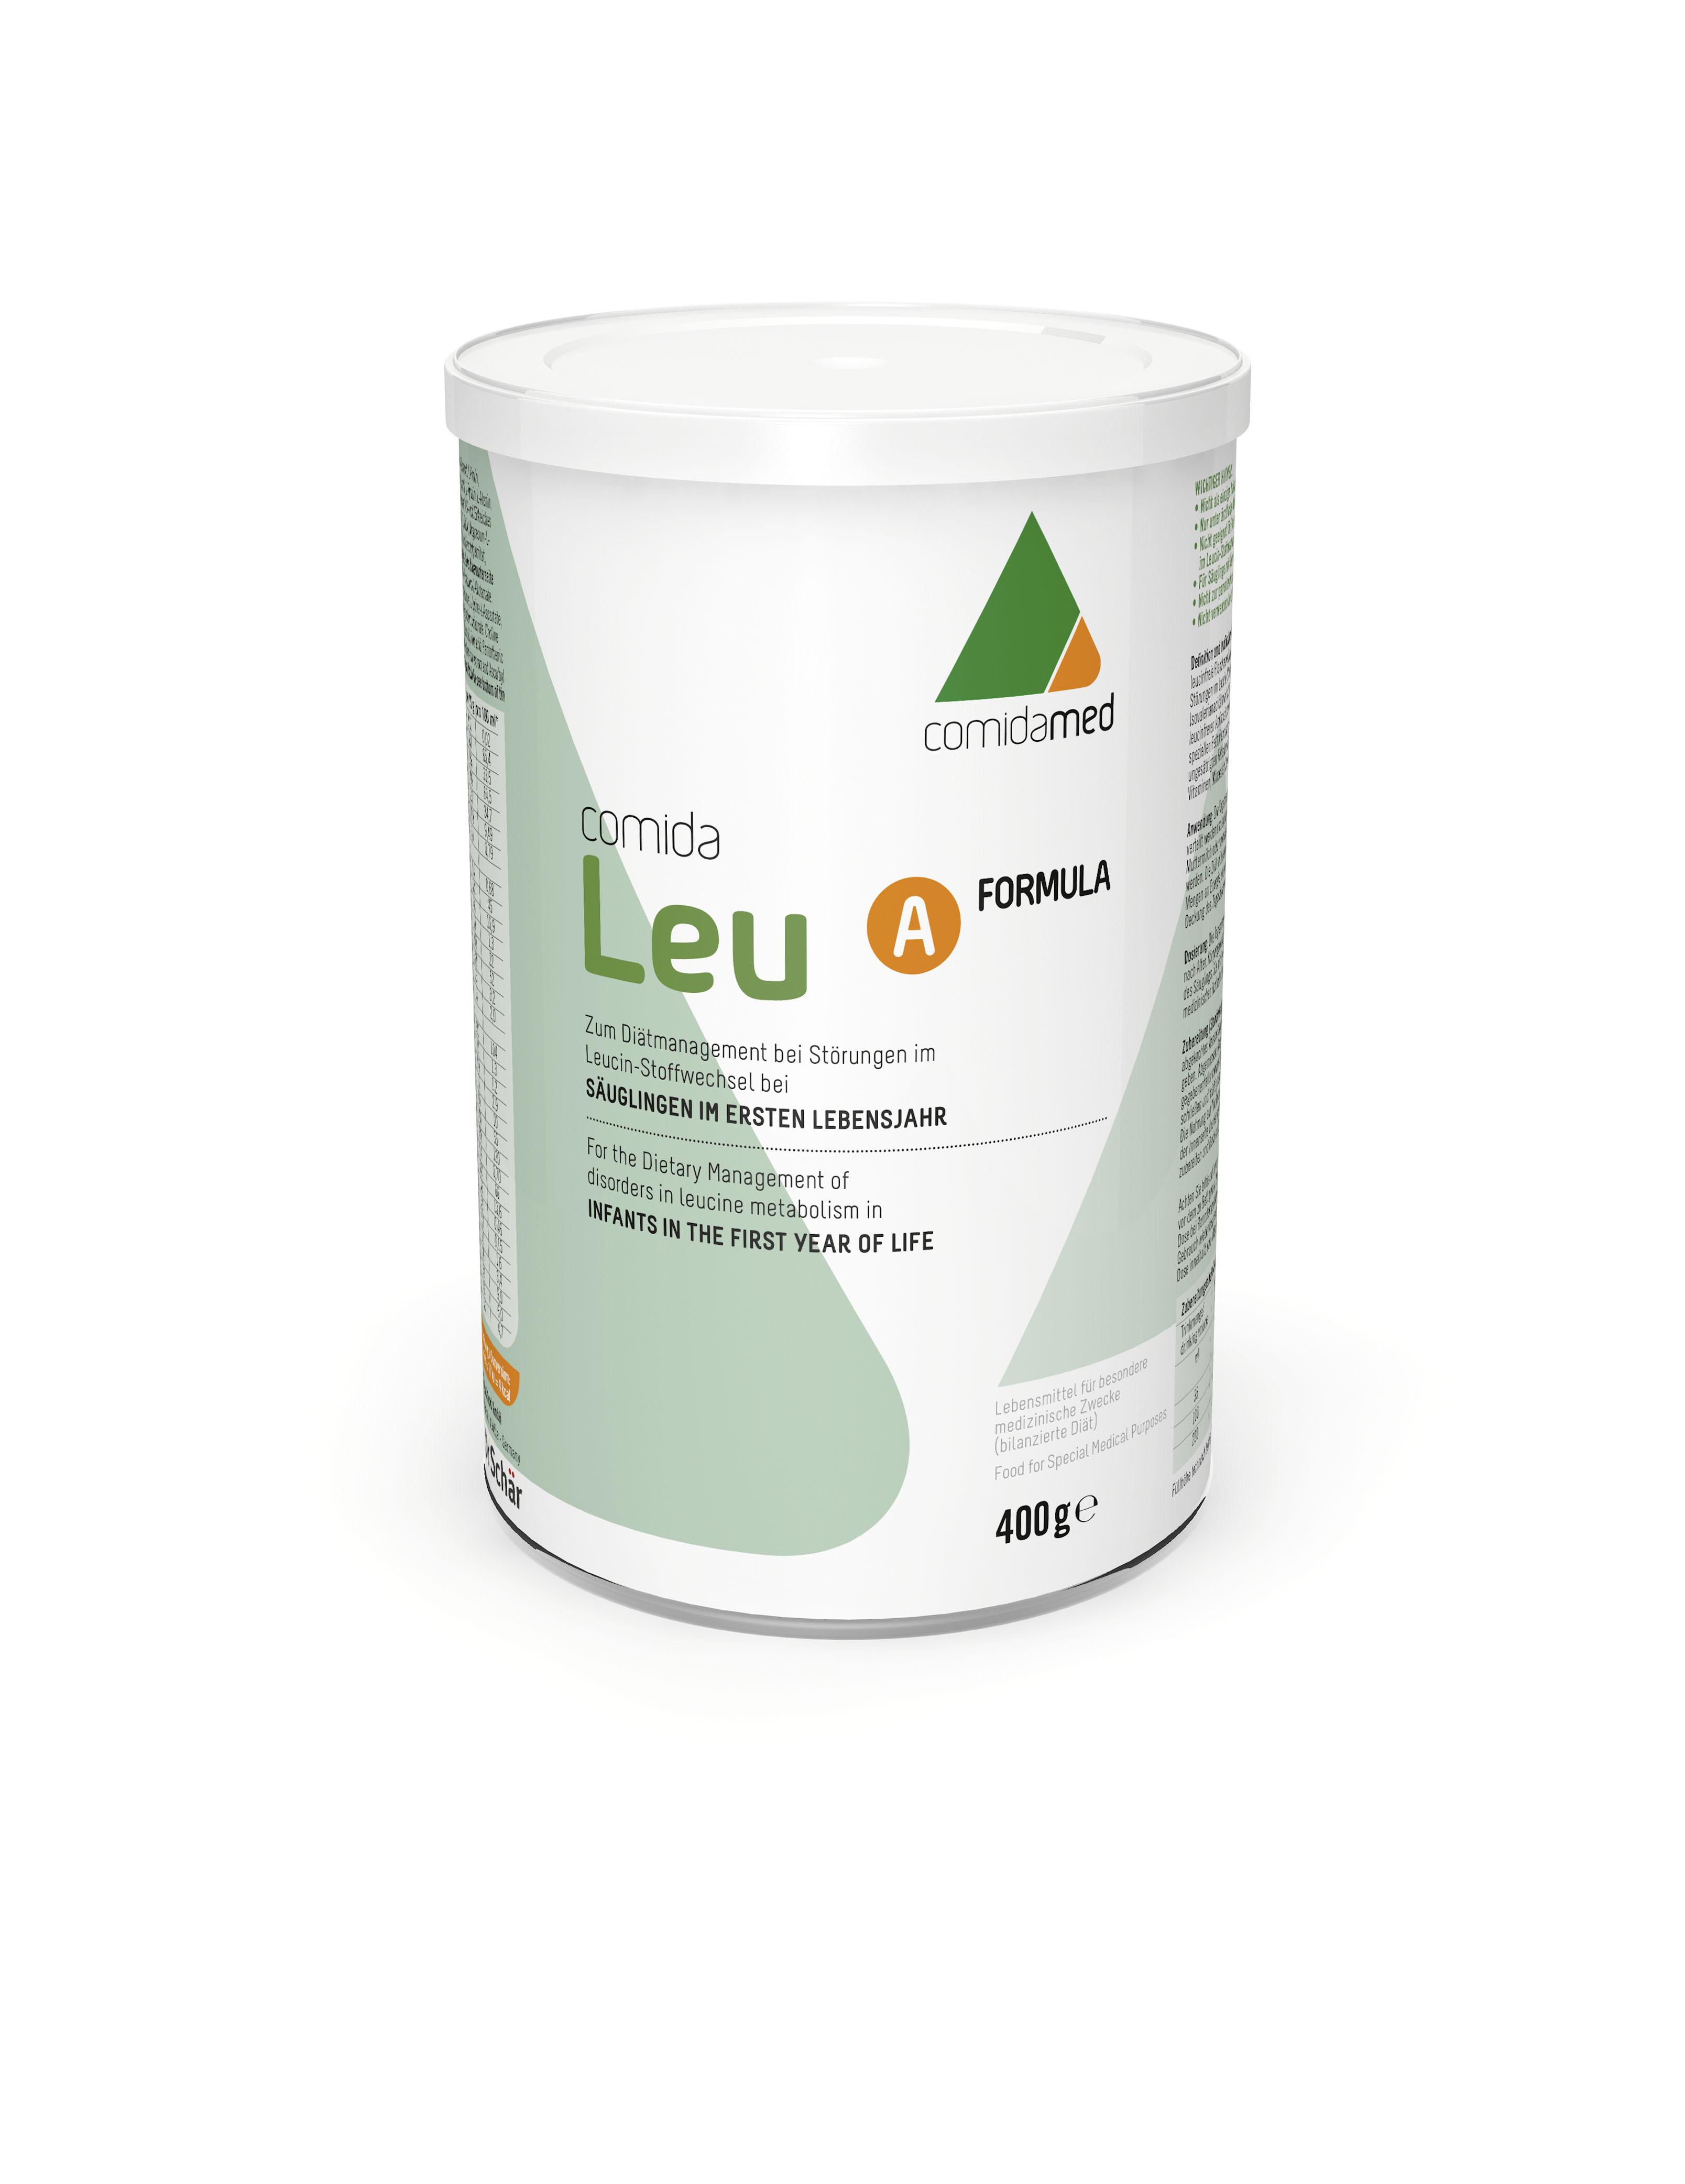 comida-Leu A FORMULA